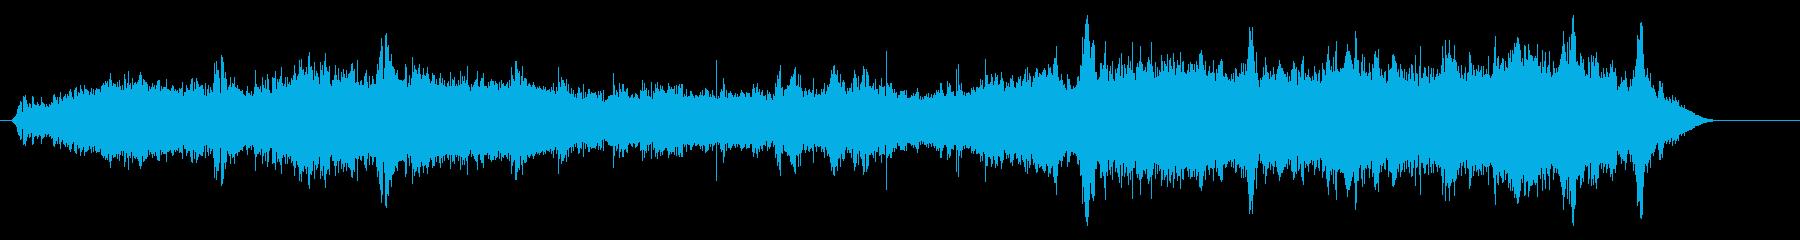 スモールウェーブビーチの再生済みの波形